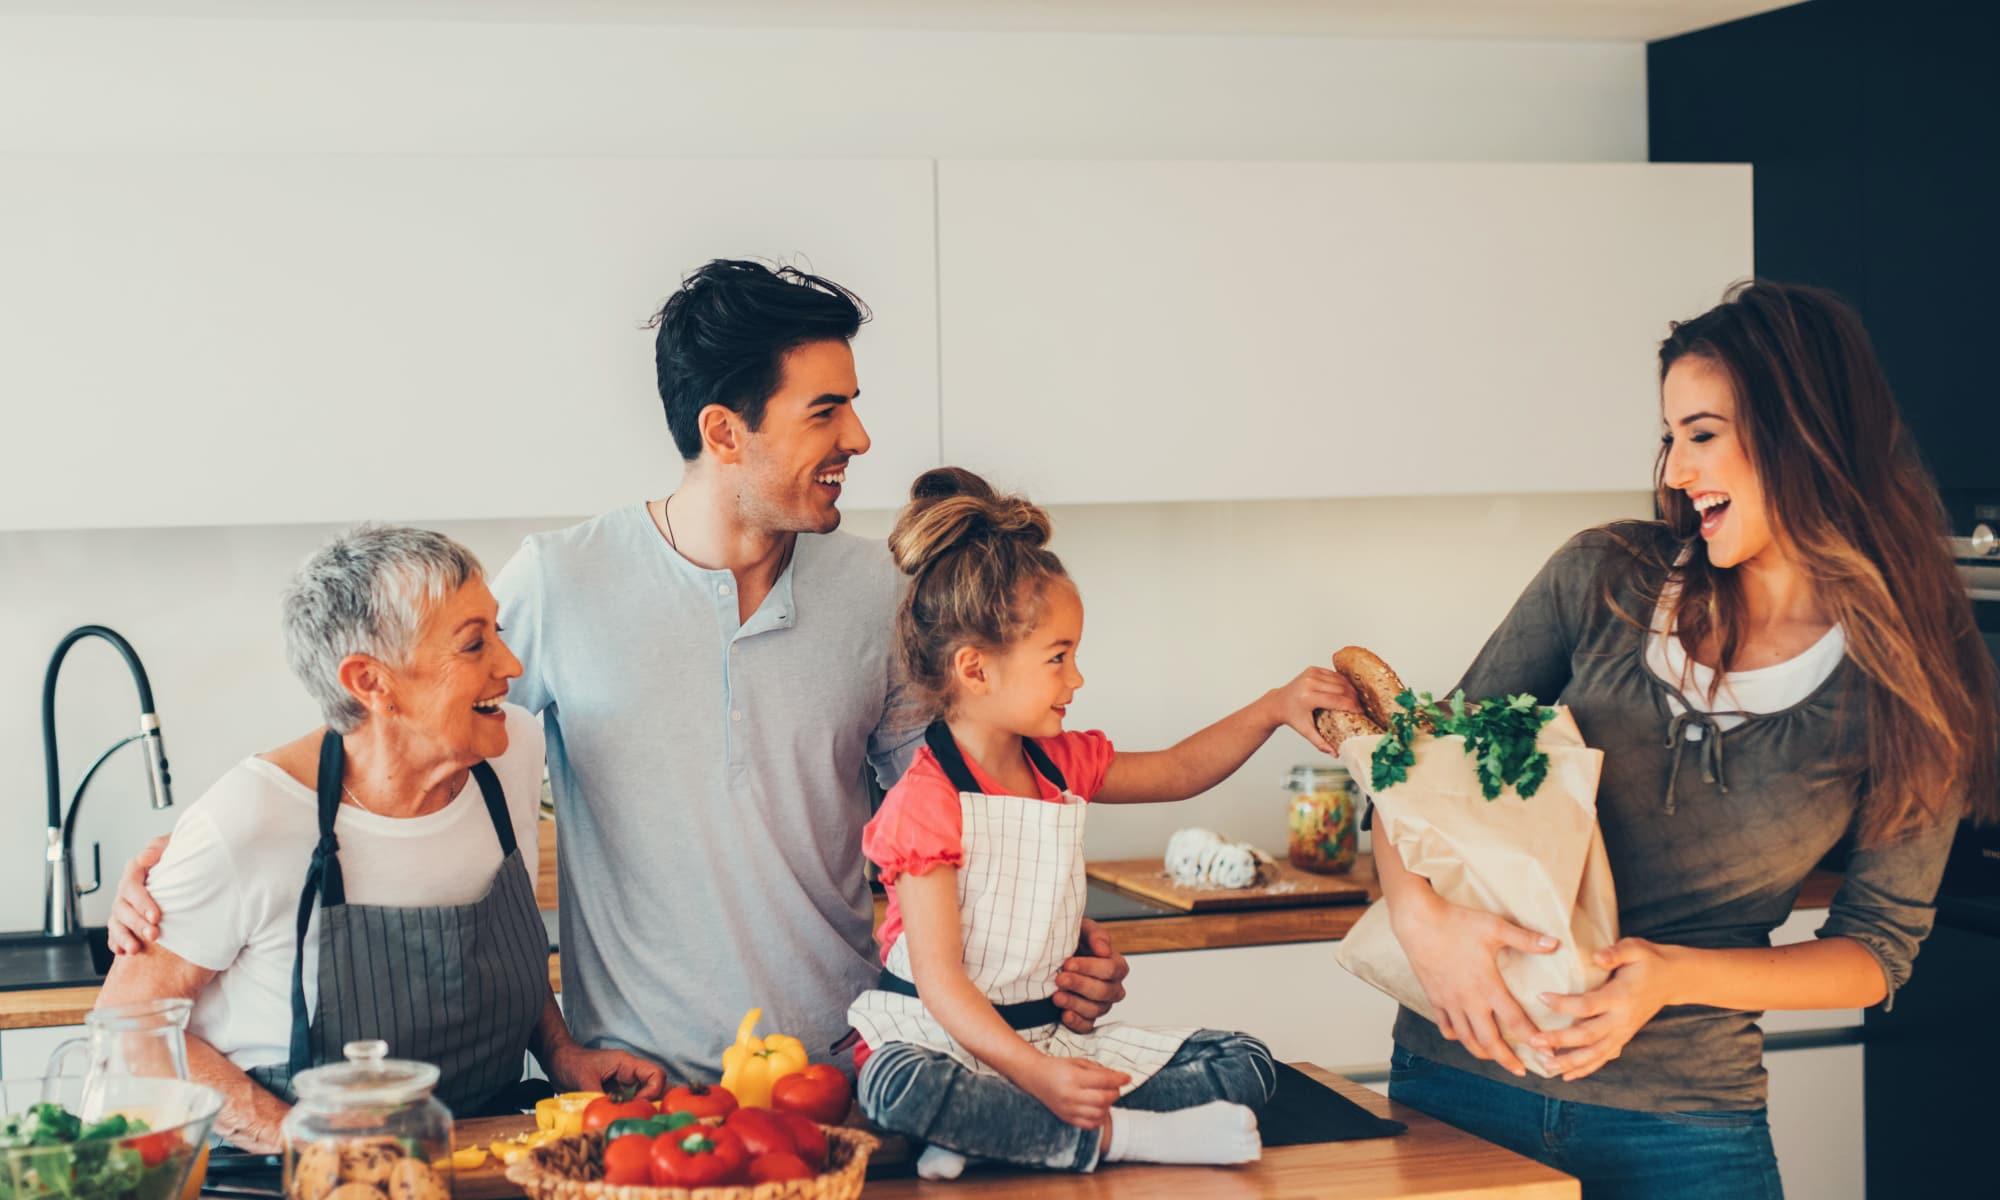 Family at President Village in Fall River, Massachusetts